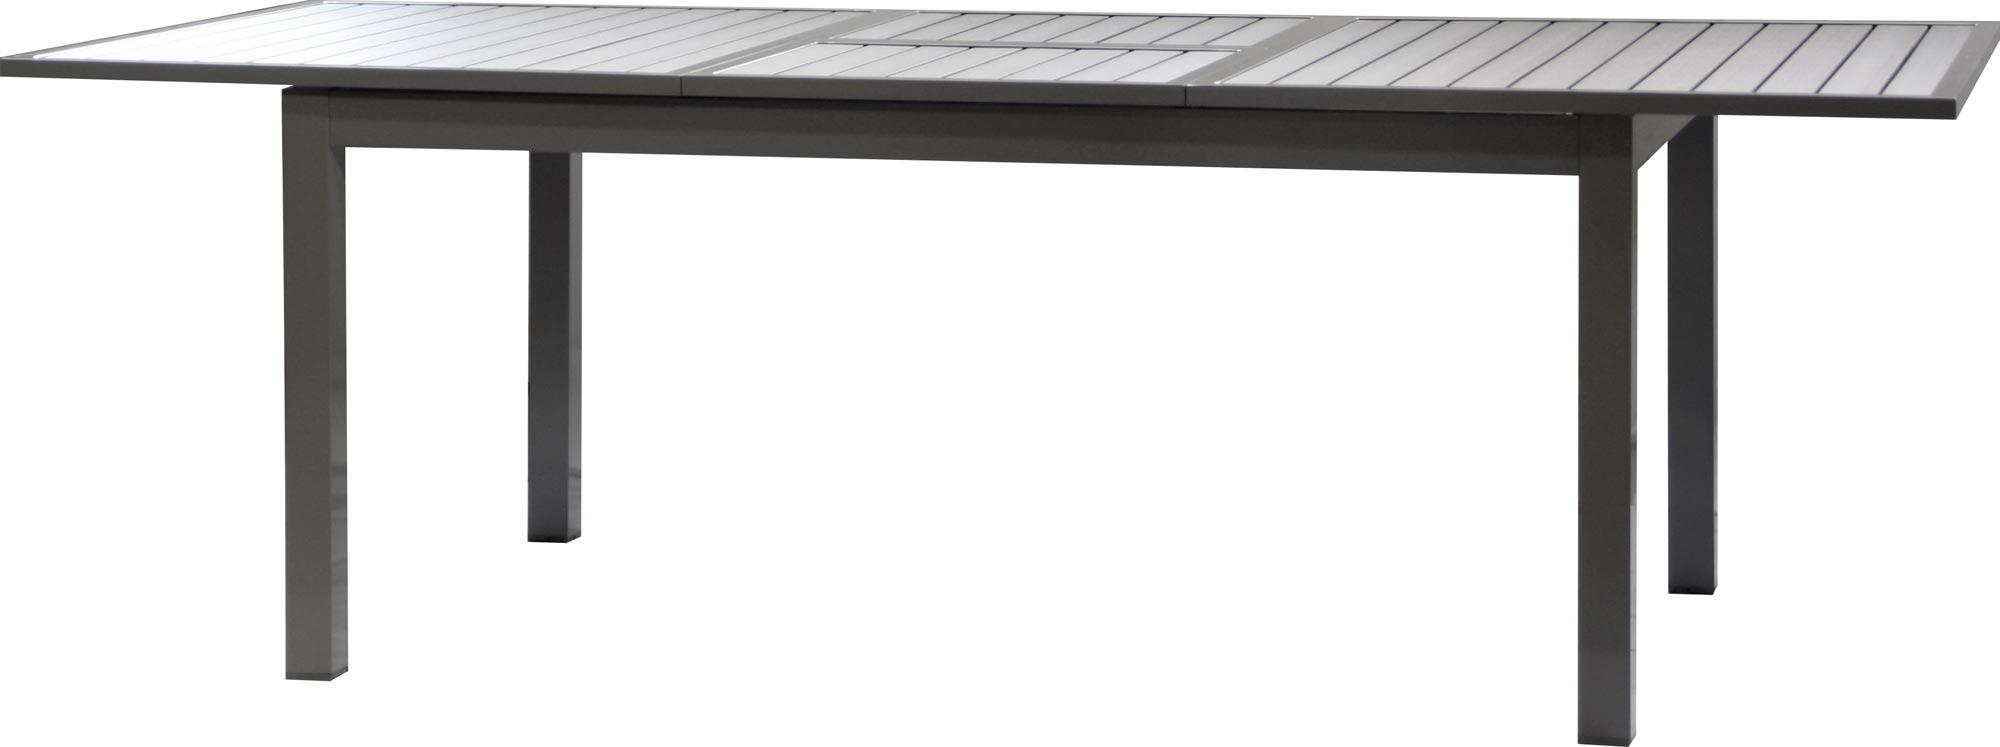 gartenmobel weib kunststoff reinigen interessante ideen f r die gestaltung von. Black Bedroom Furniture Sets. Home Design Ideas